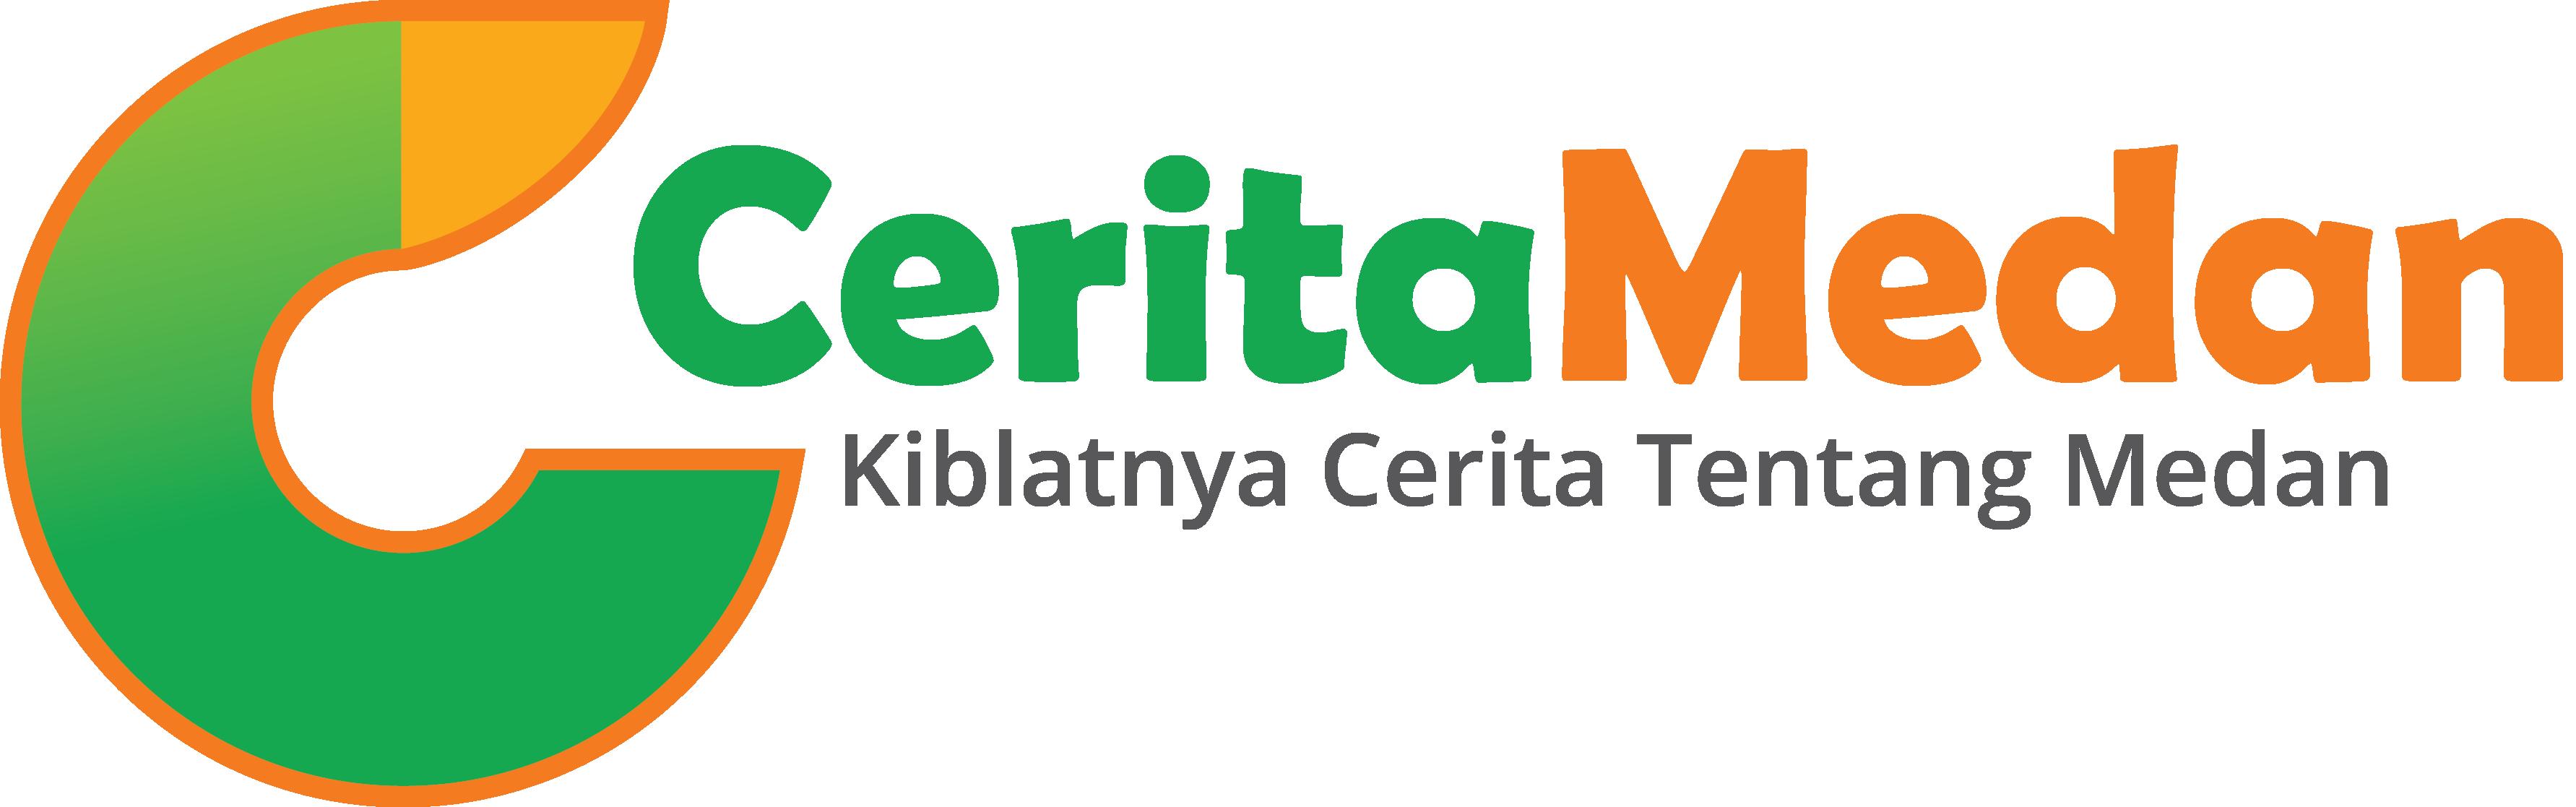 Situs Media Online Medan